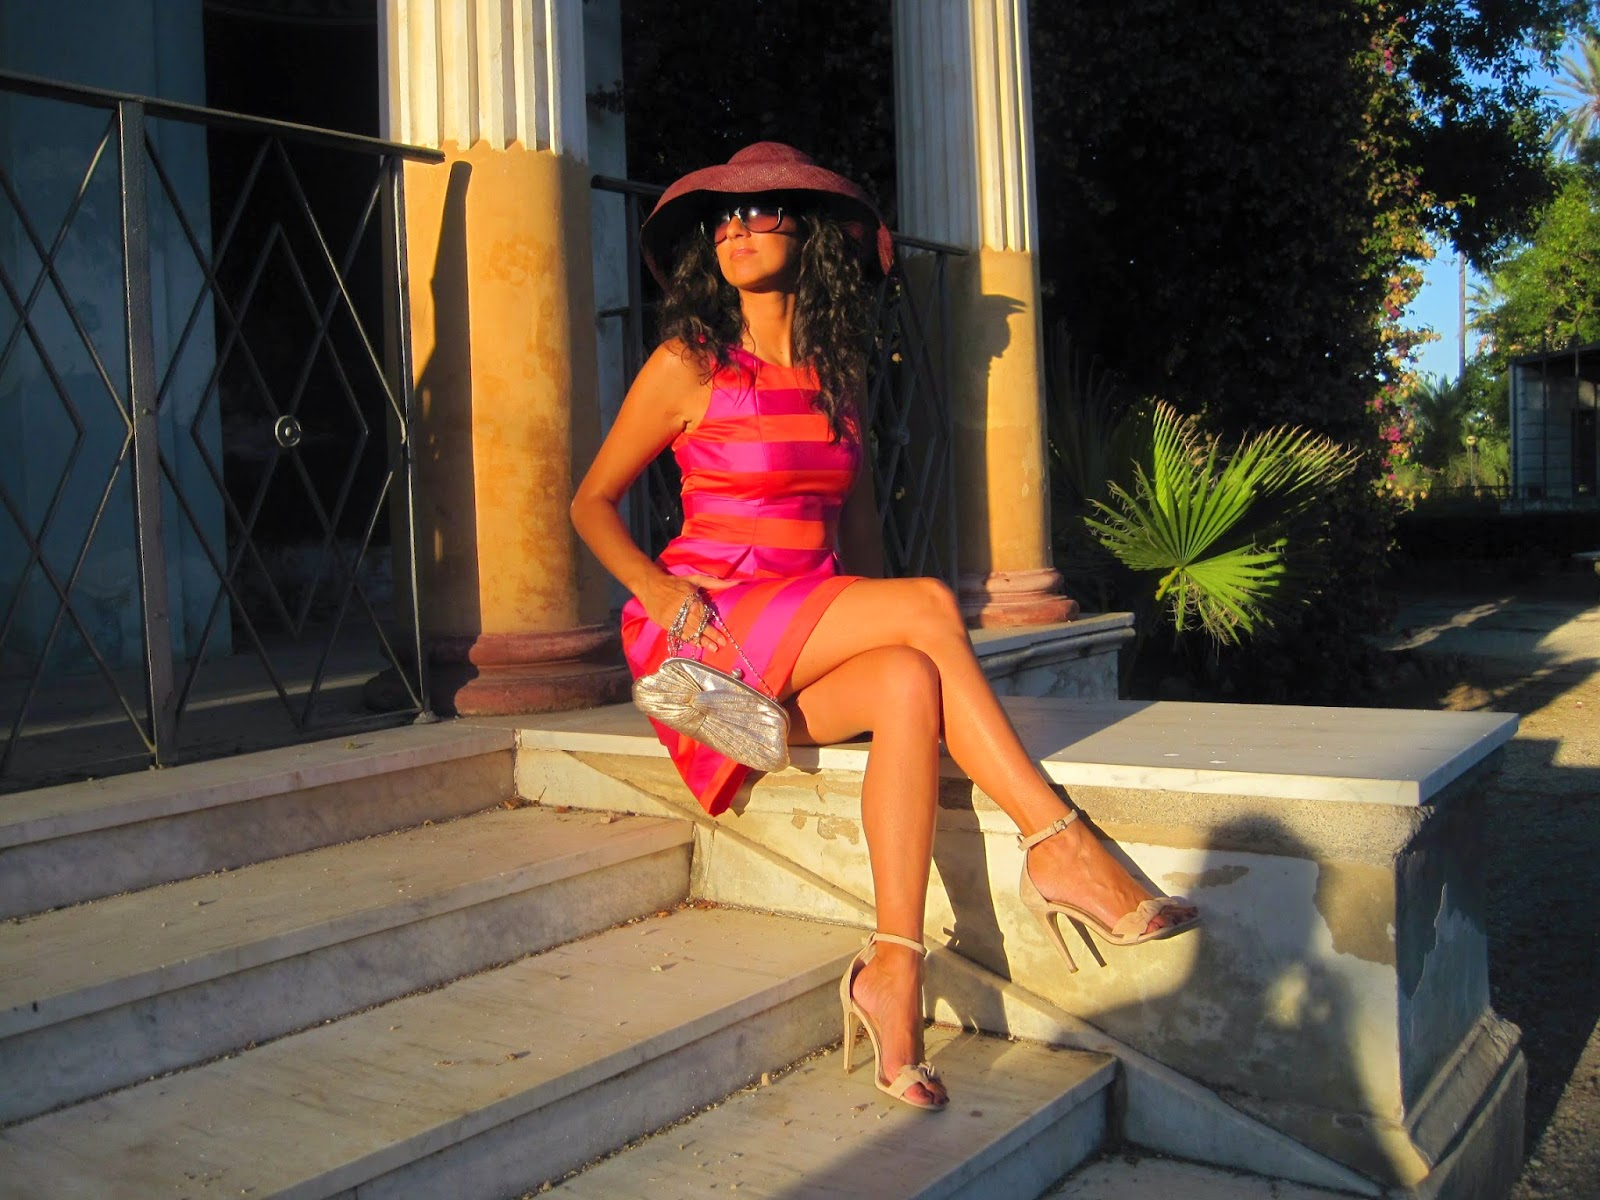 tubino-anni-50-righe-viola-rosso-Claudia-Magro-cappello- Audrey